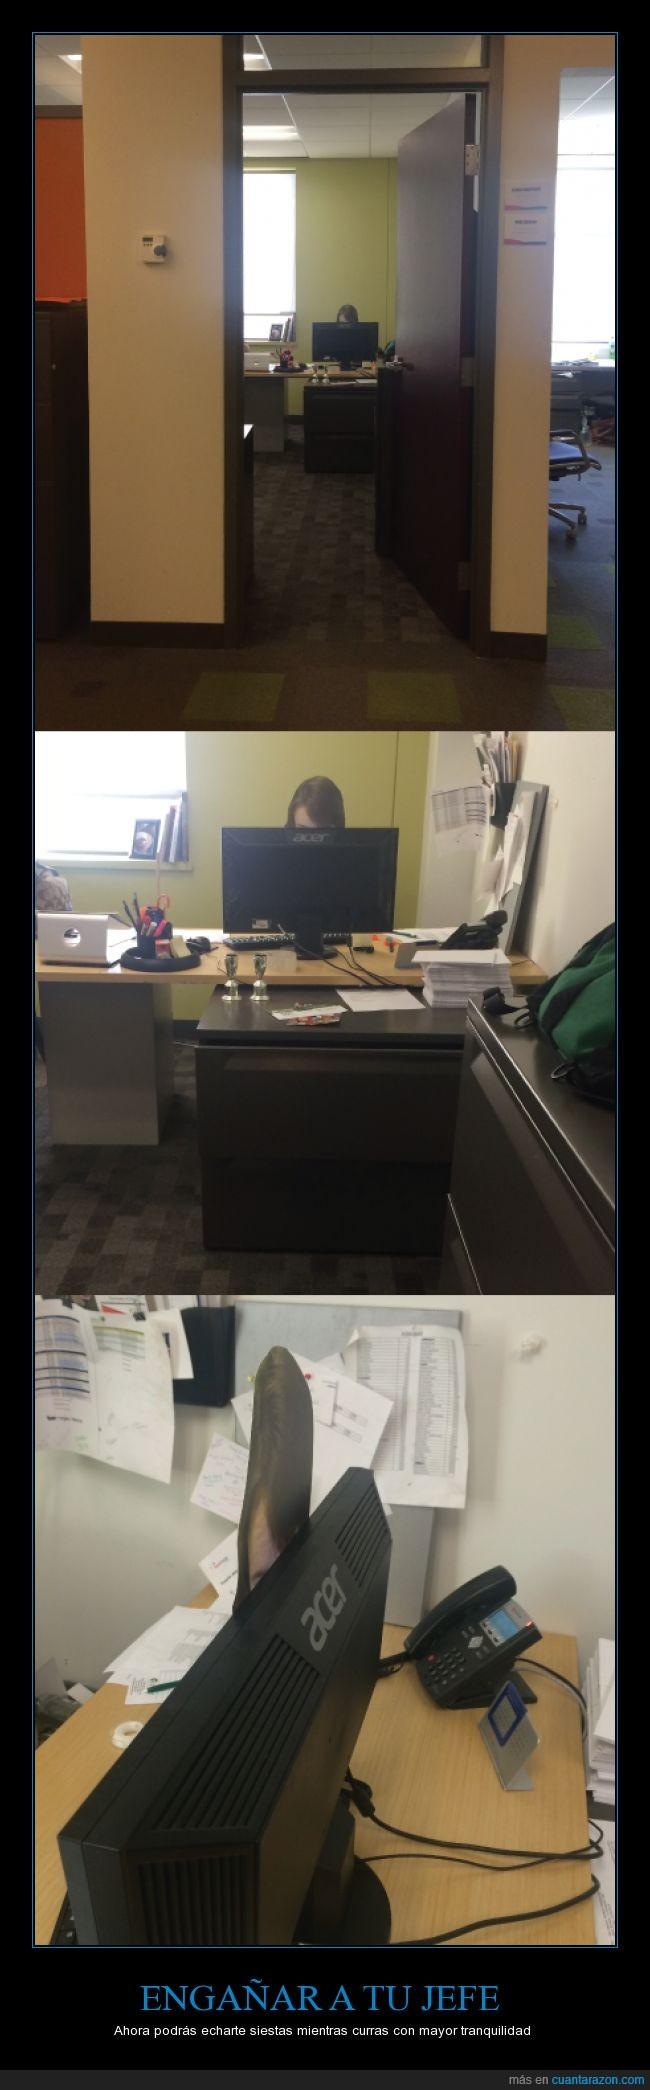 cabeza,encima,engañar,fotocopia,frente,impreso,imprimir,no hacer nada,pantalla,trabajar